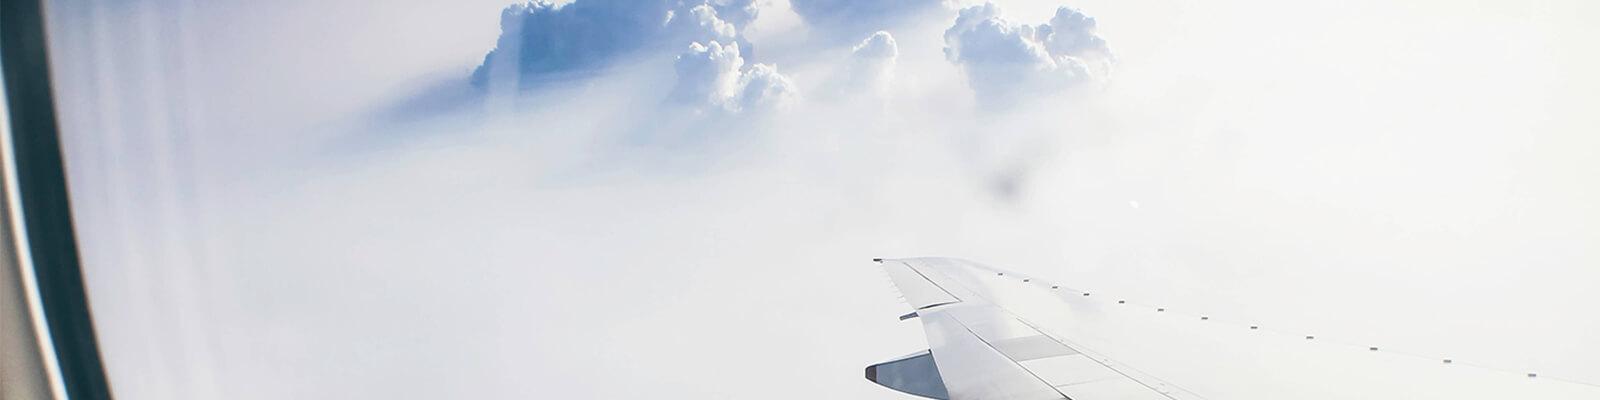 Sicht aus einem Flugzeugfenster